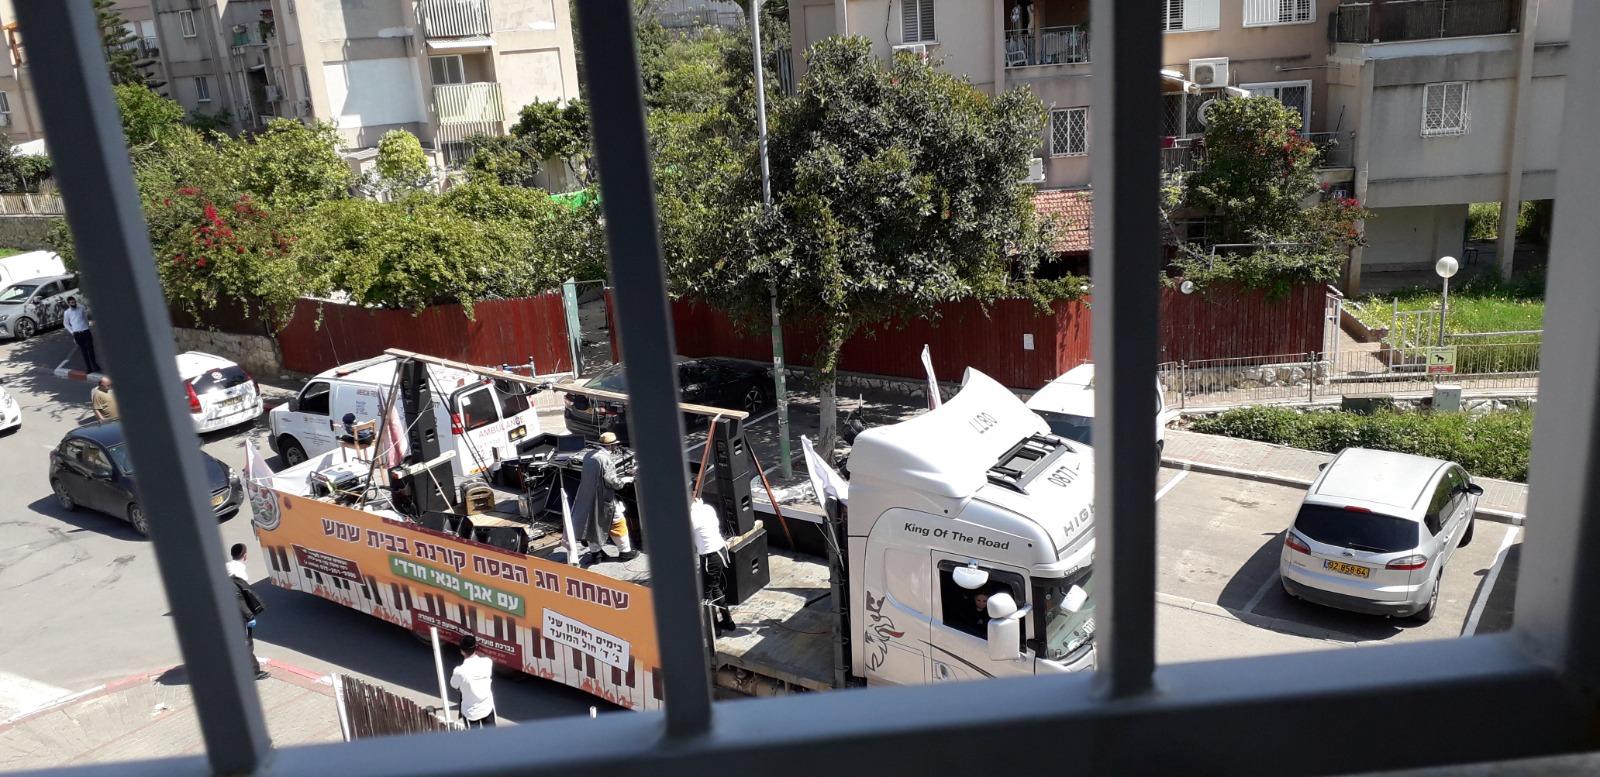 משאית השמחה בבית שמש (צילום: א.נ)